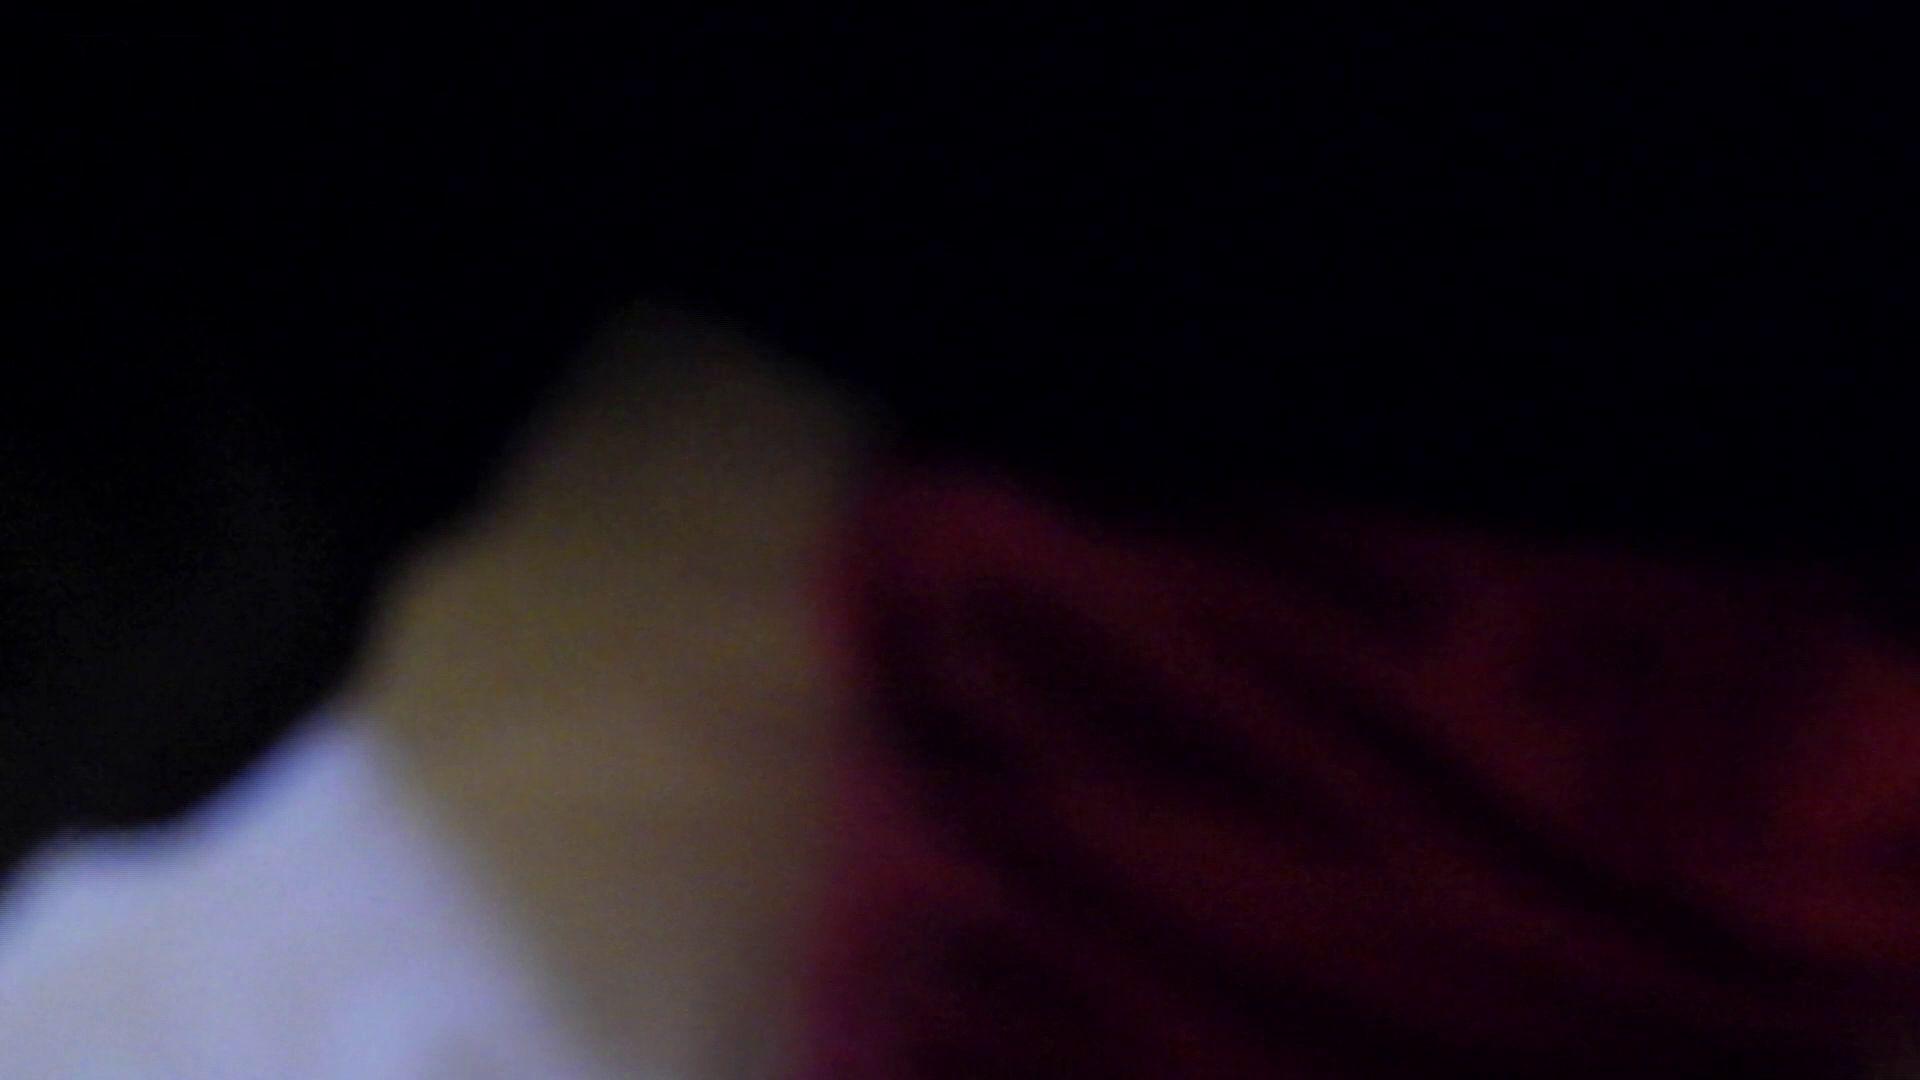 ヒトニアラヅNo.01 侵入 ギャル攻め アダルト動画キャプチャ 68画像 9